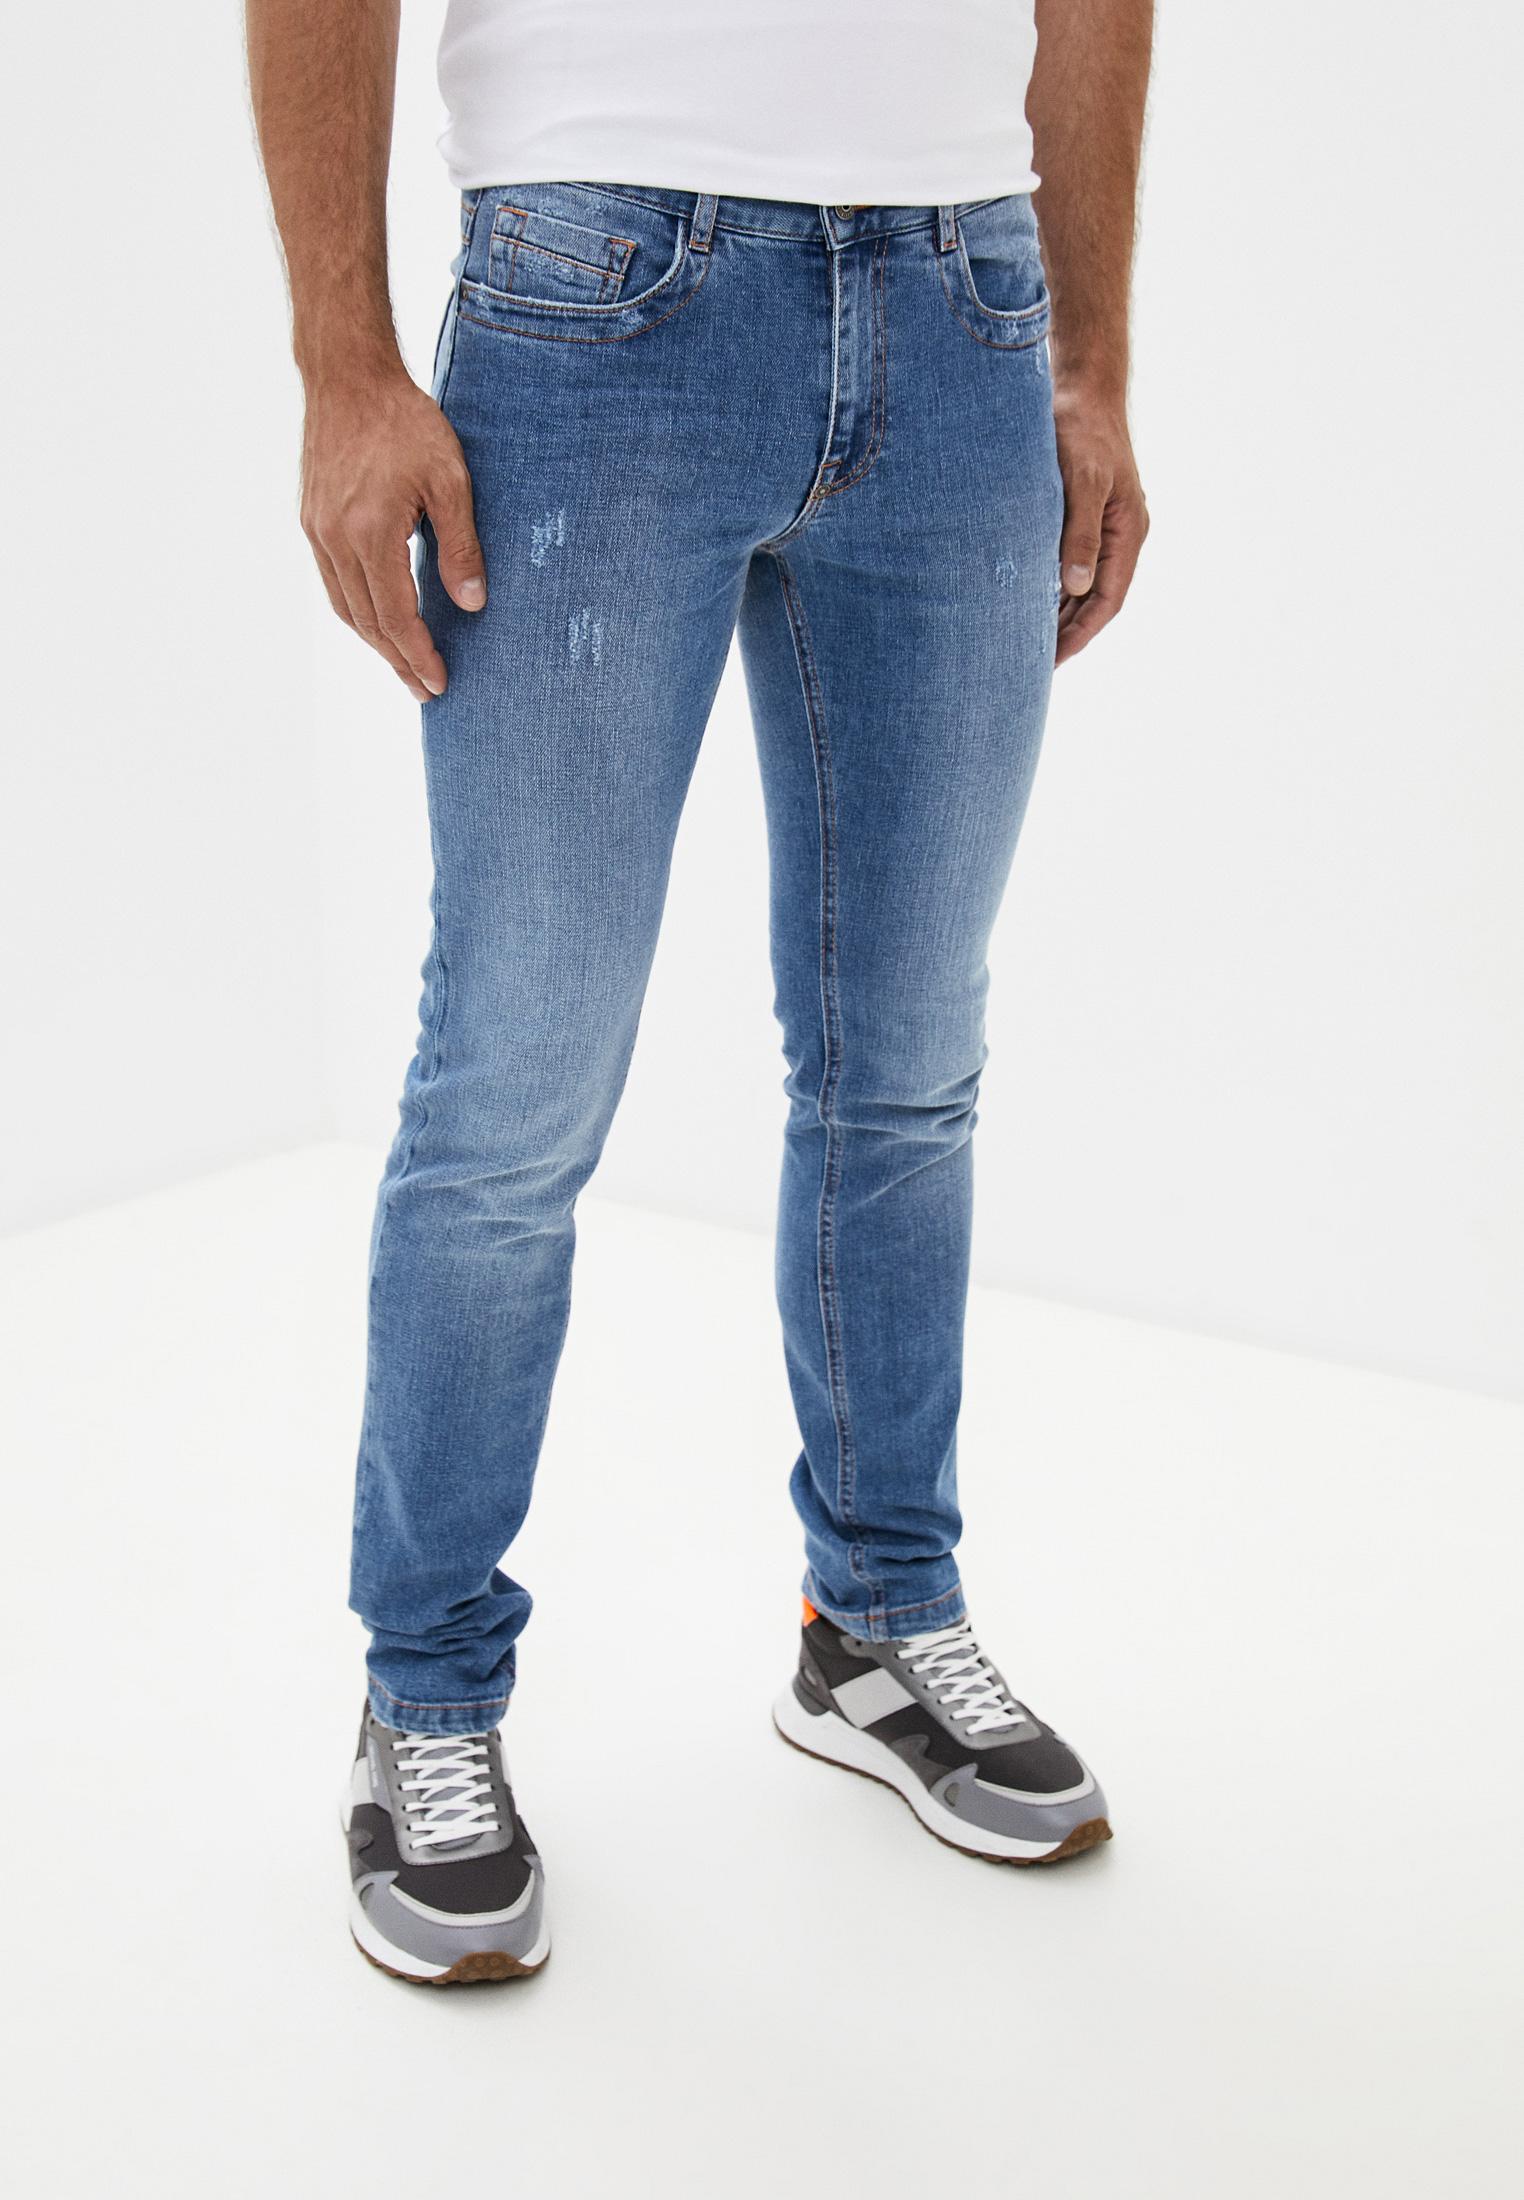 Зауженные джинсы Bikkembergs C Q 101 03 S 3393: изображение 6